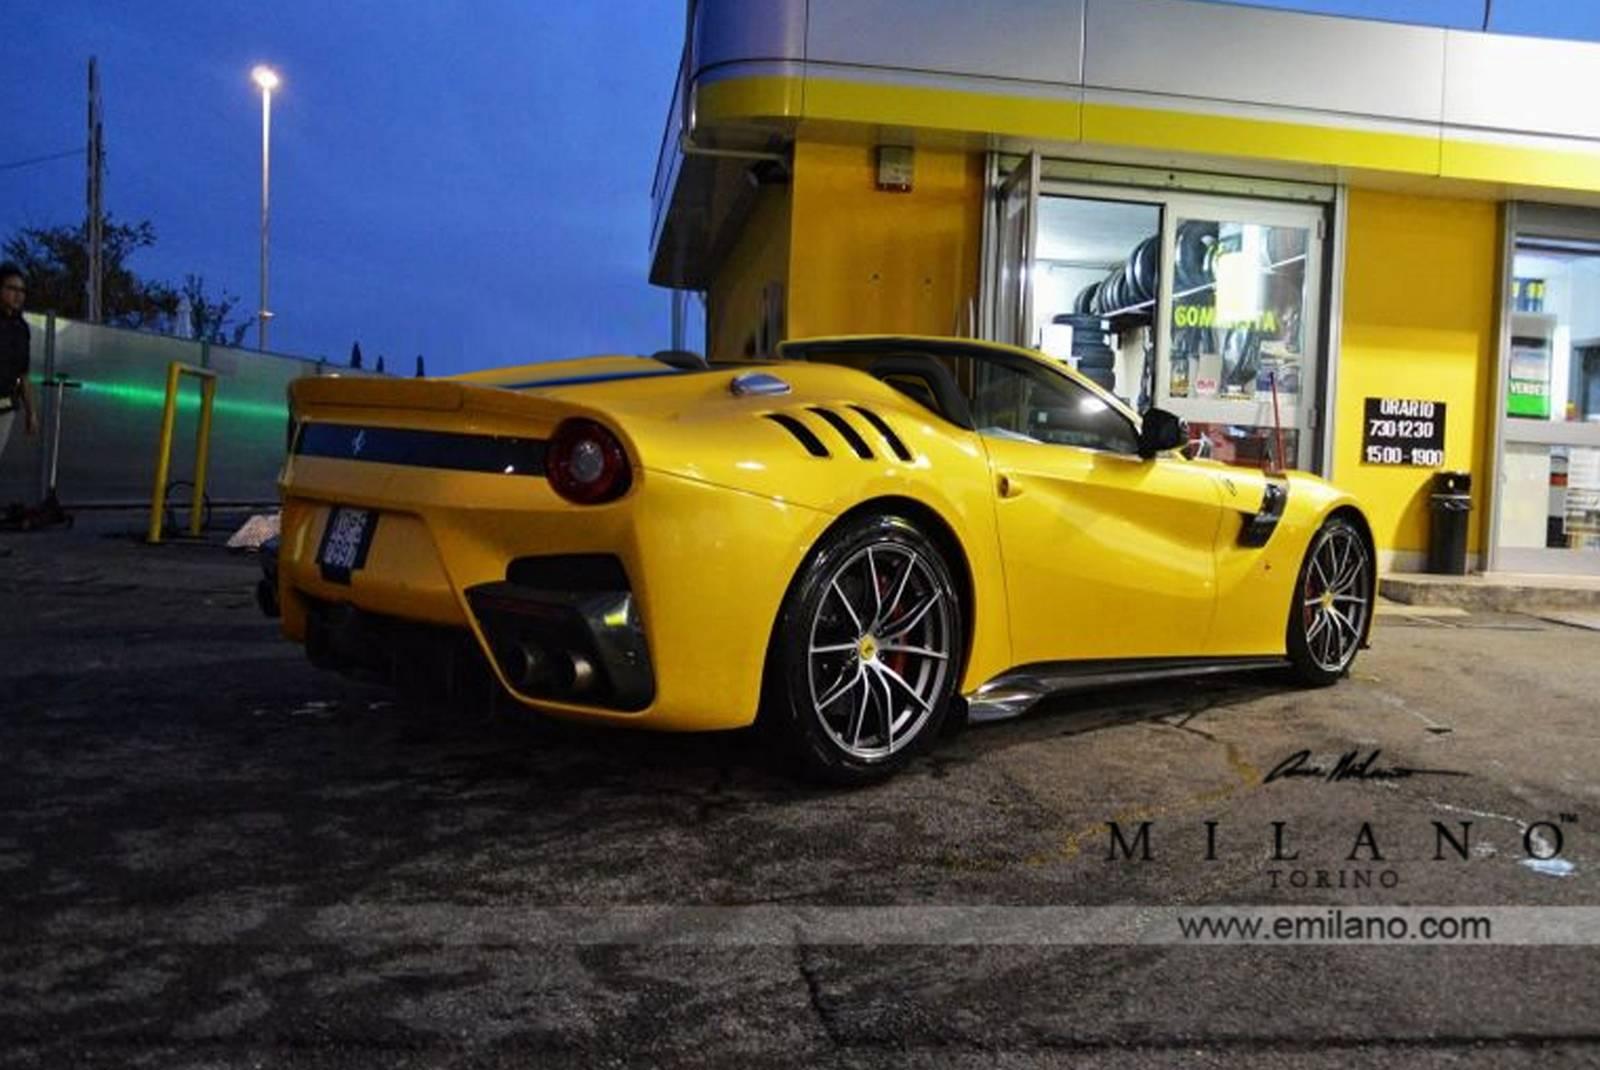 Ferrari F12tdf Aperta rear